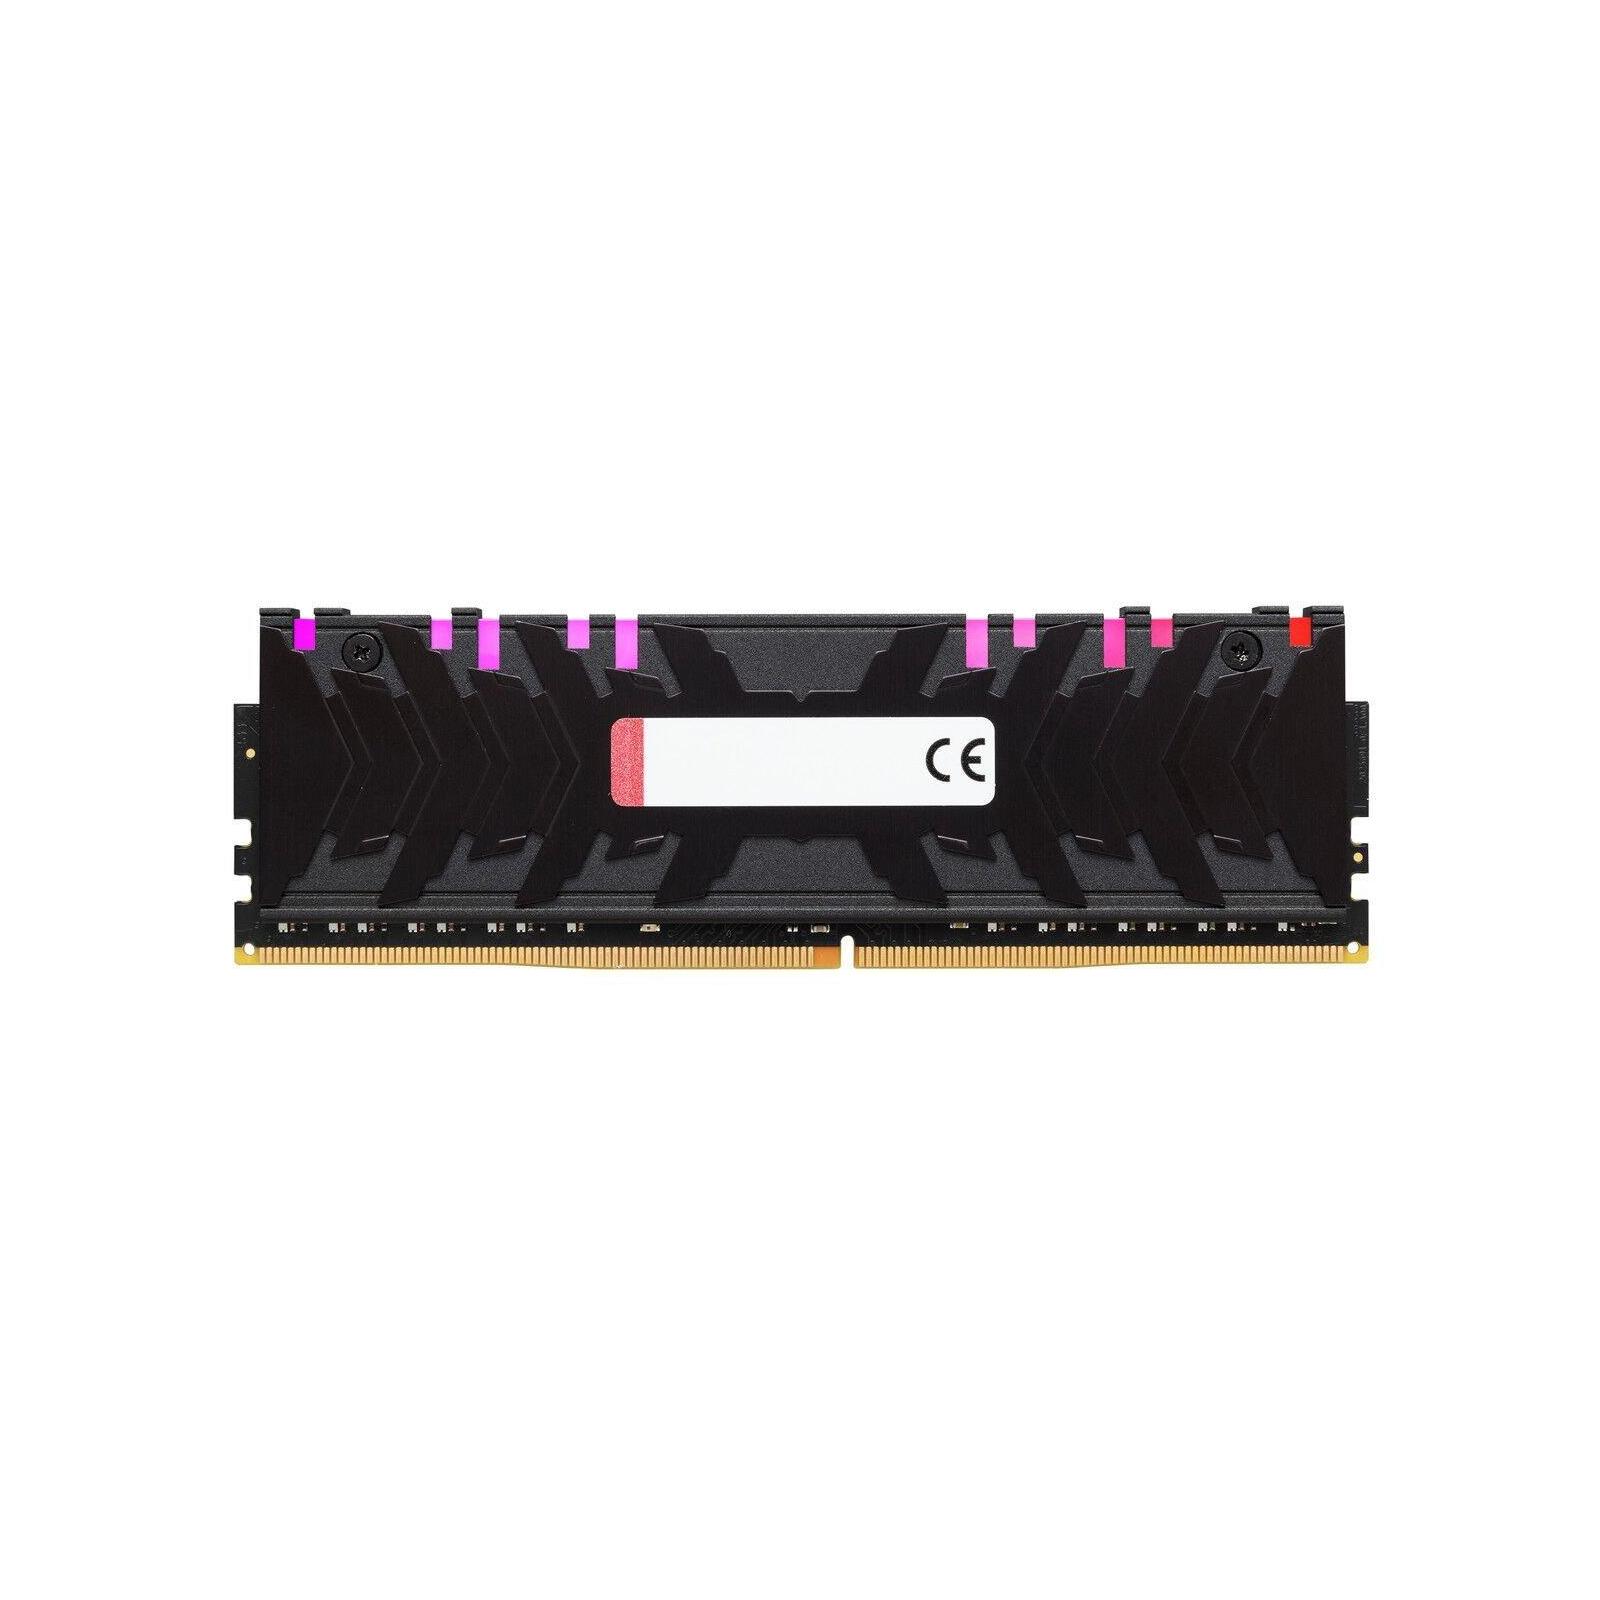 Модуль пам'яті для комп'ютера DDR4 16GB 3000 MHz HyperX Predator RGB Kingston (HX430C15PB3A/16) зображення 3